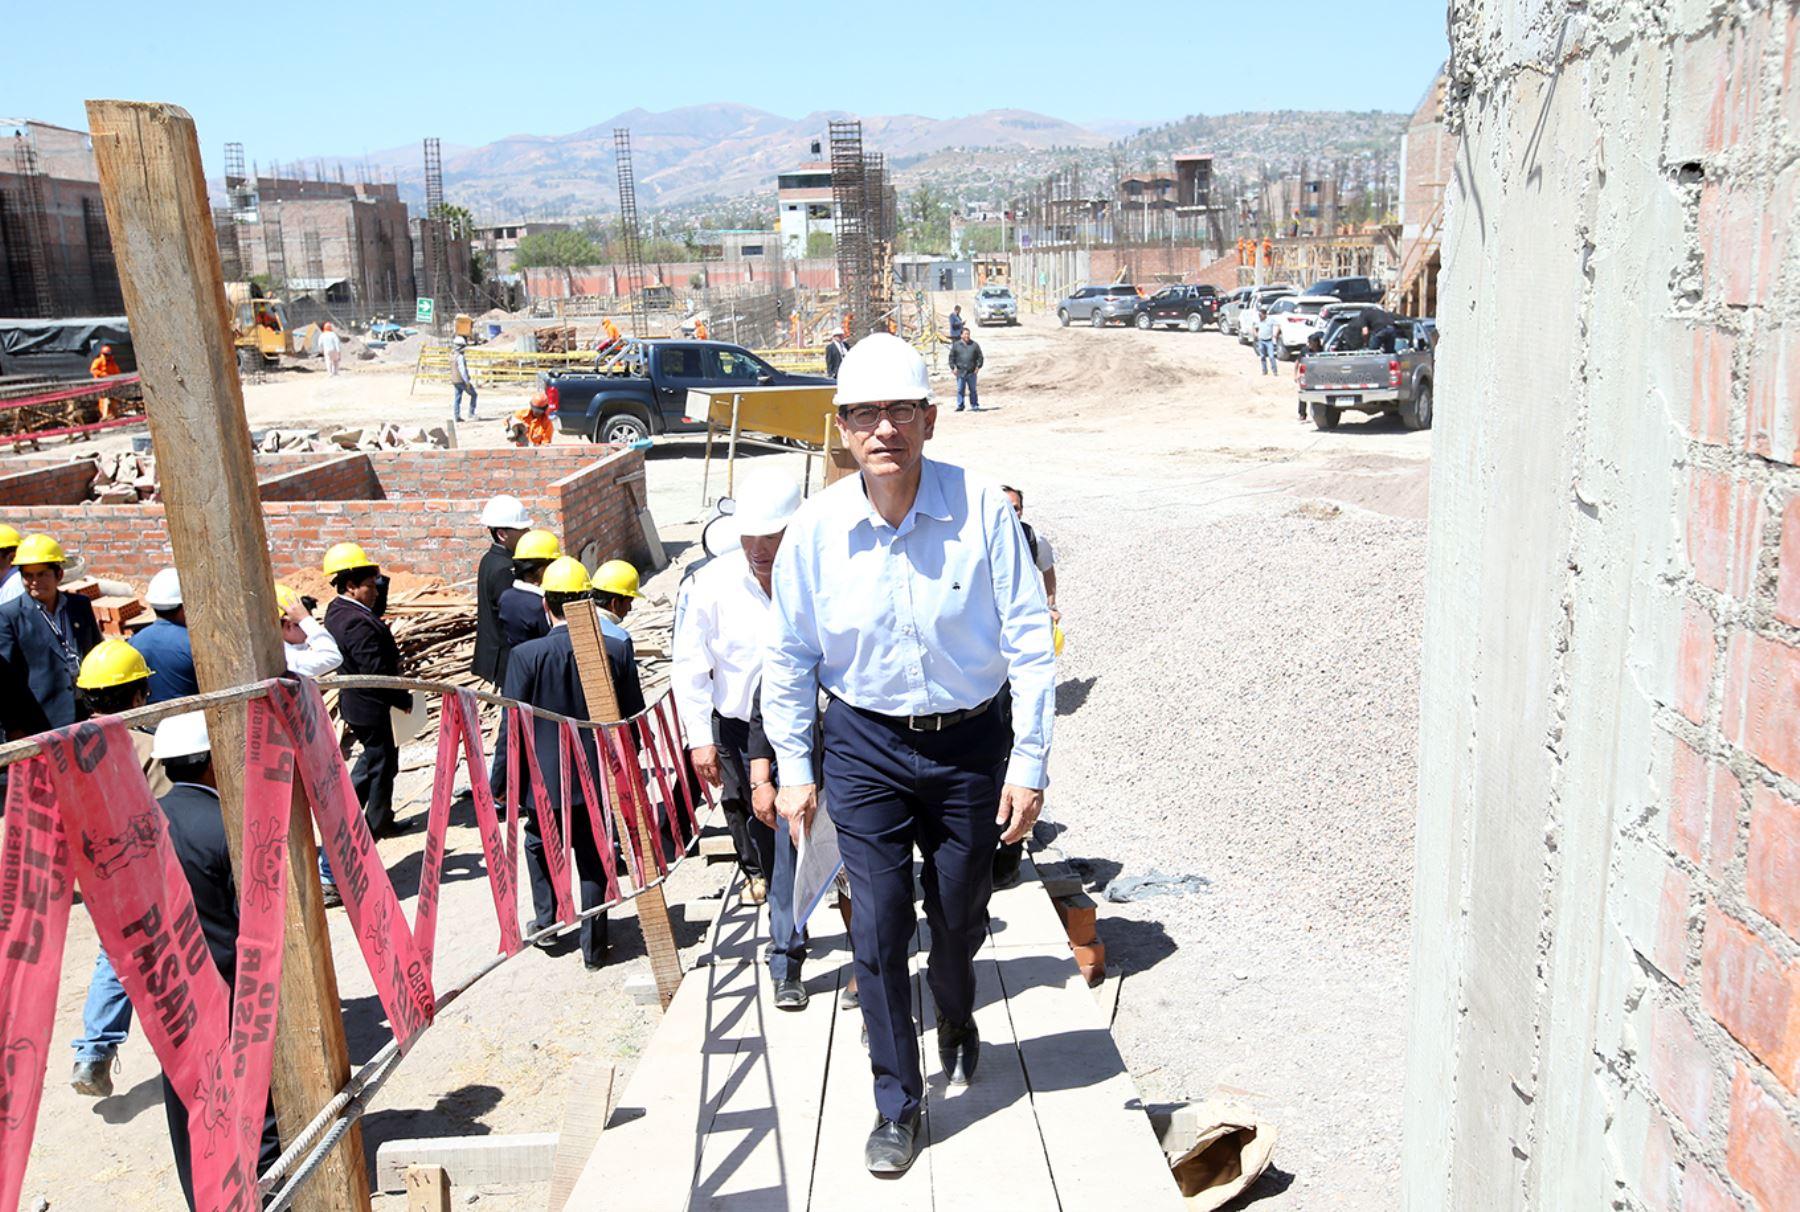 Vicepresidente, Martin Vizcarra supervisa las obras en el colegio La Merced de Ayacucho. Foto: ANDINA/Melina Mejía